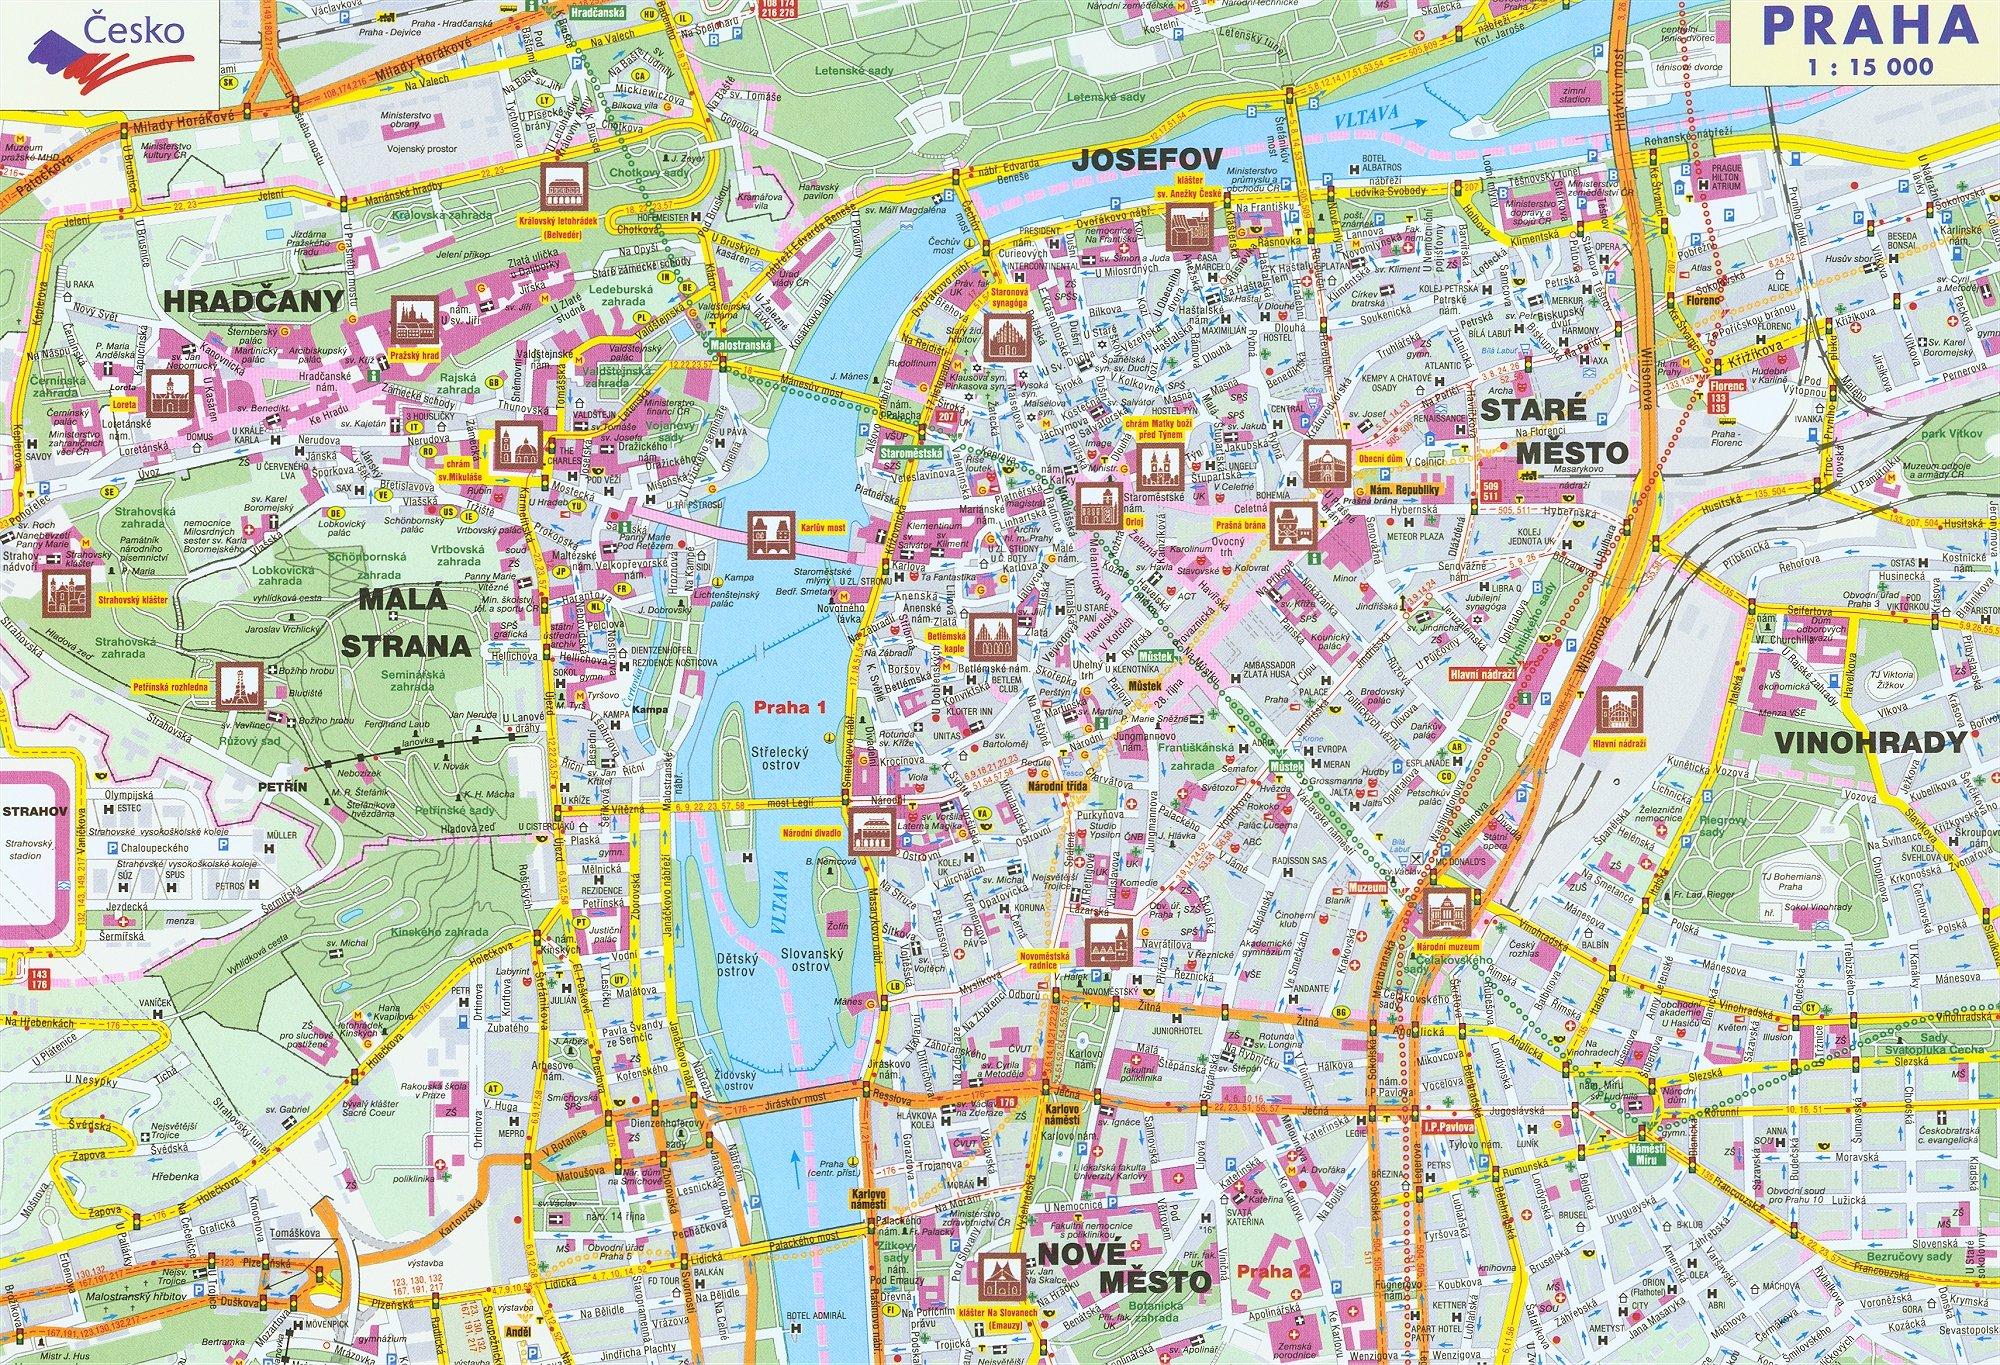 схема метро и улиц сингапура